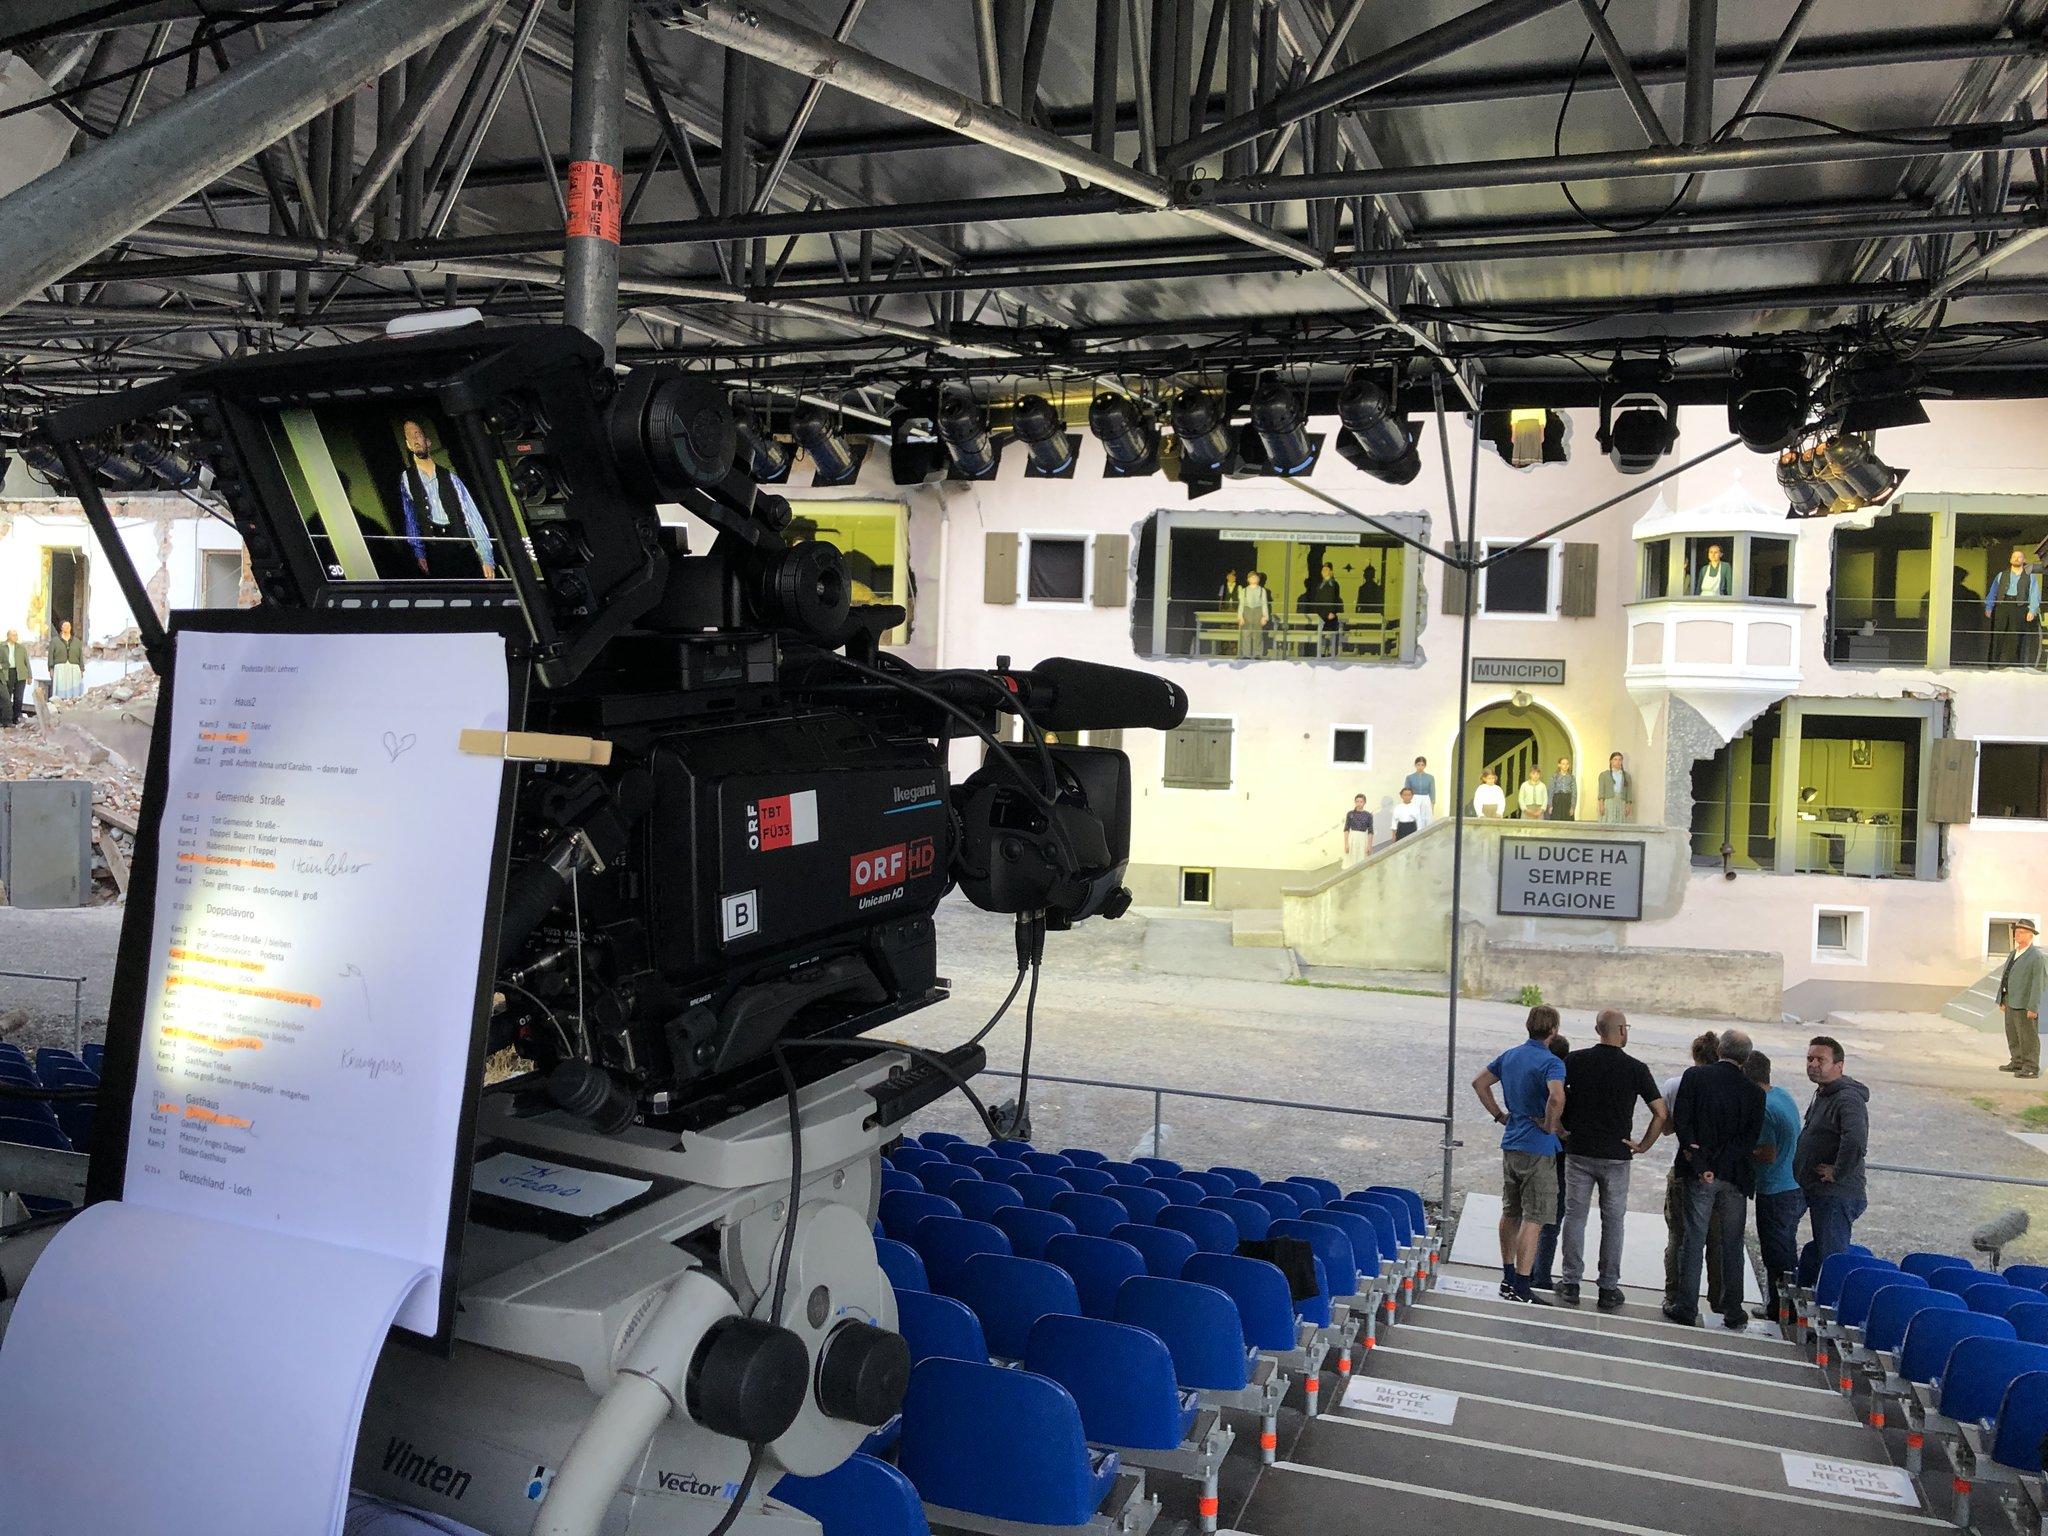 Orf Iii Und Die Rai Sudtirol Senden Das Theaterstuck Sendetermin Von Verkaufte Heimat Steht Fest Telfs